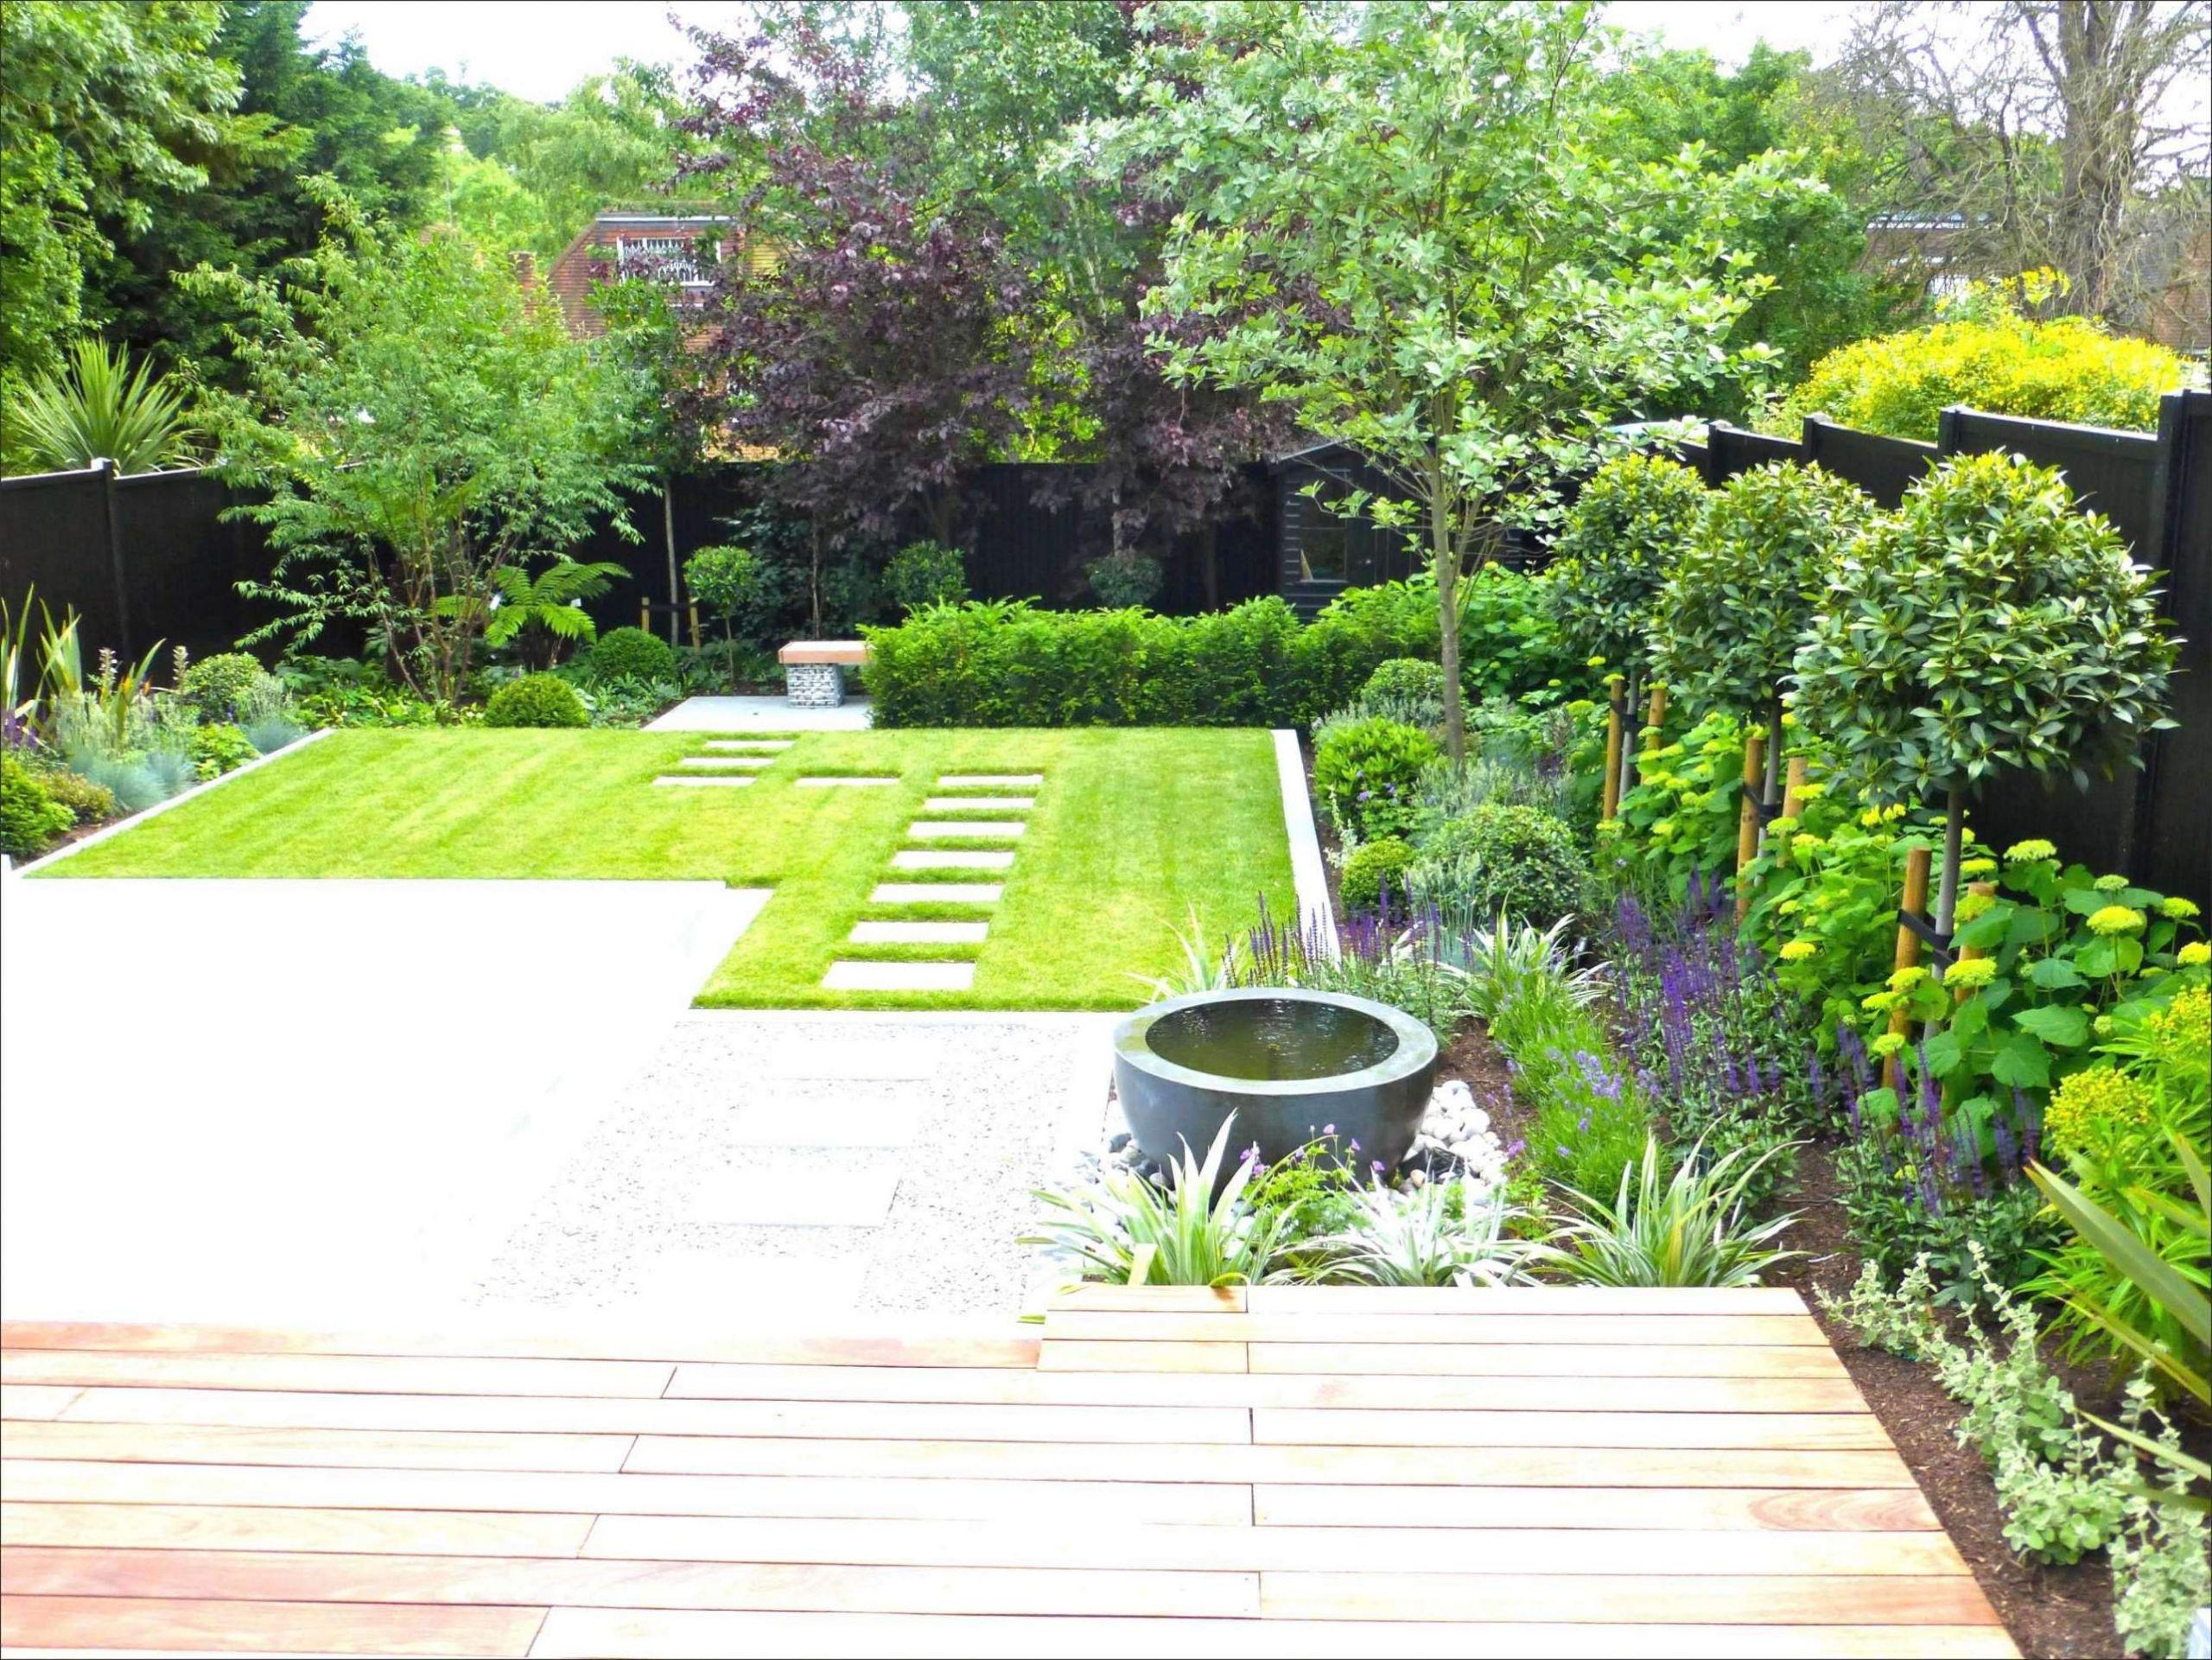 37 luxus vorgarten gestalten pflegeleicht hang gestalten pflegeleicht hang gestalten pflegeleicht